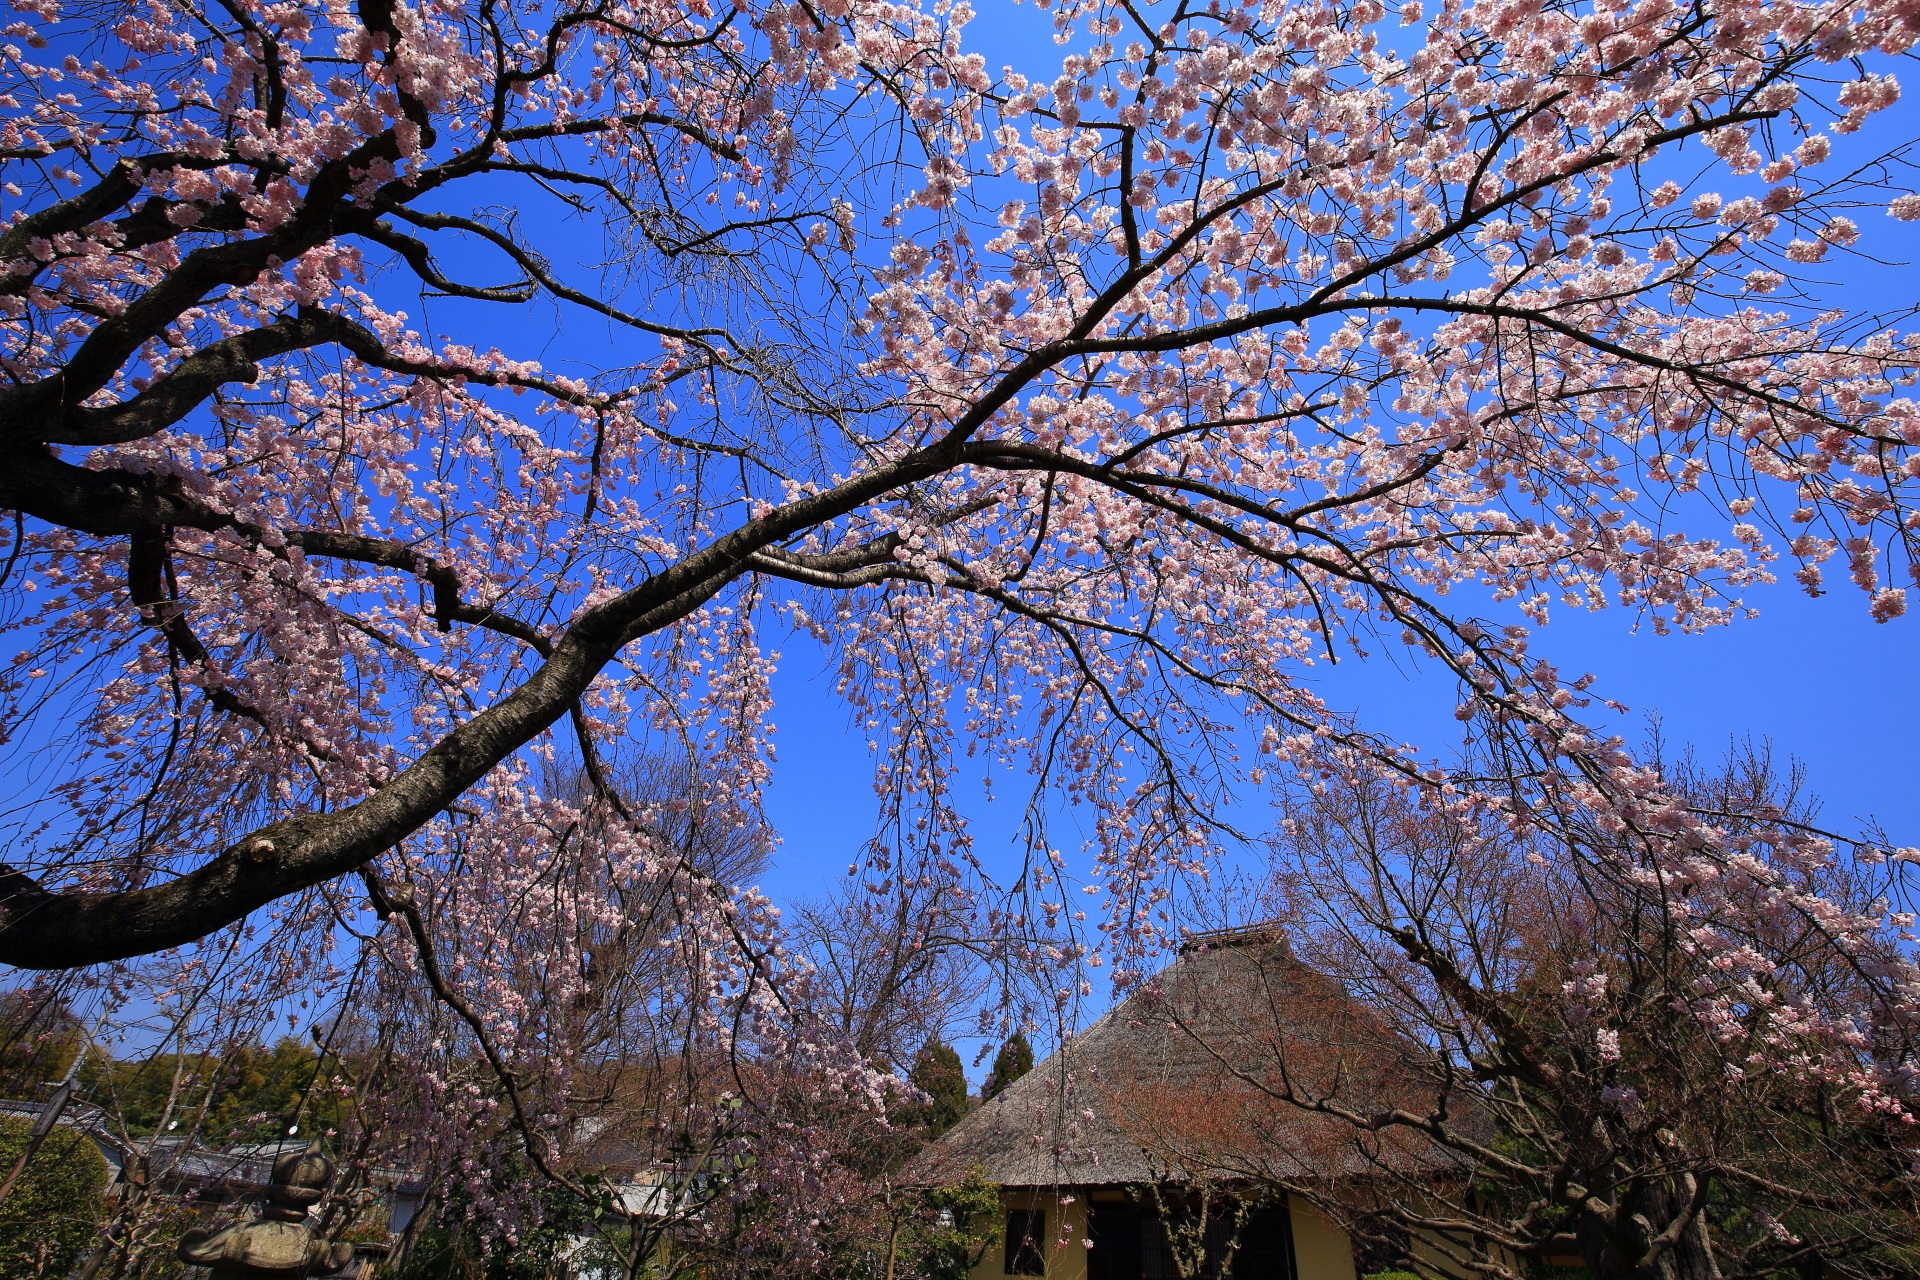 やっぱり青空が似合う輝く桜